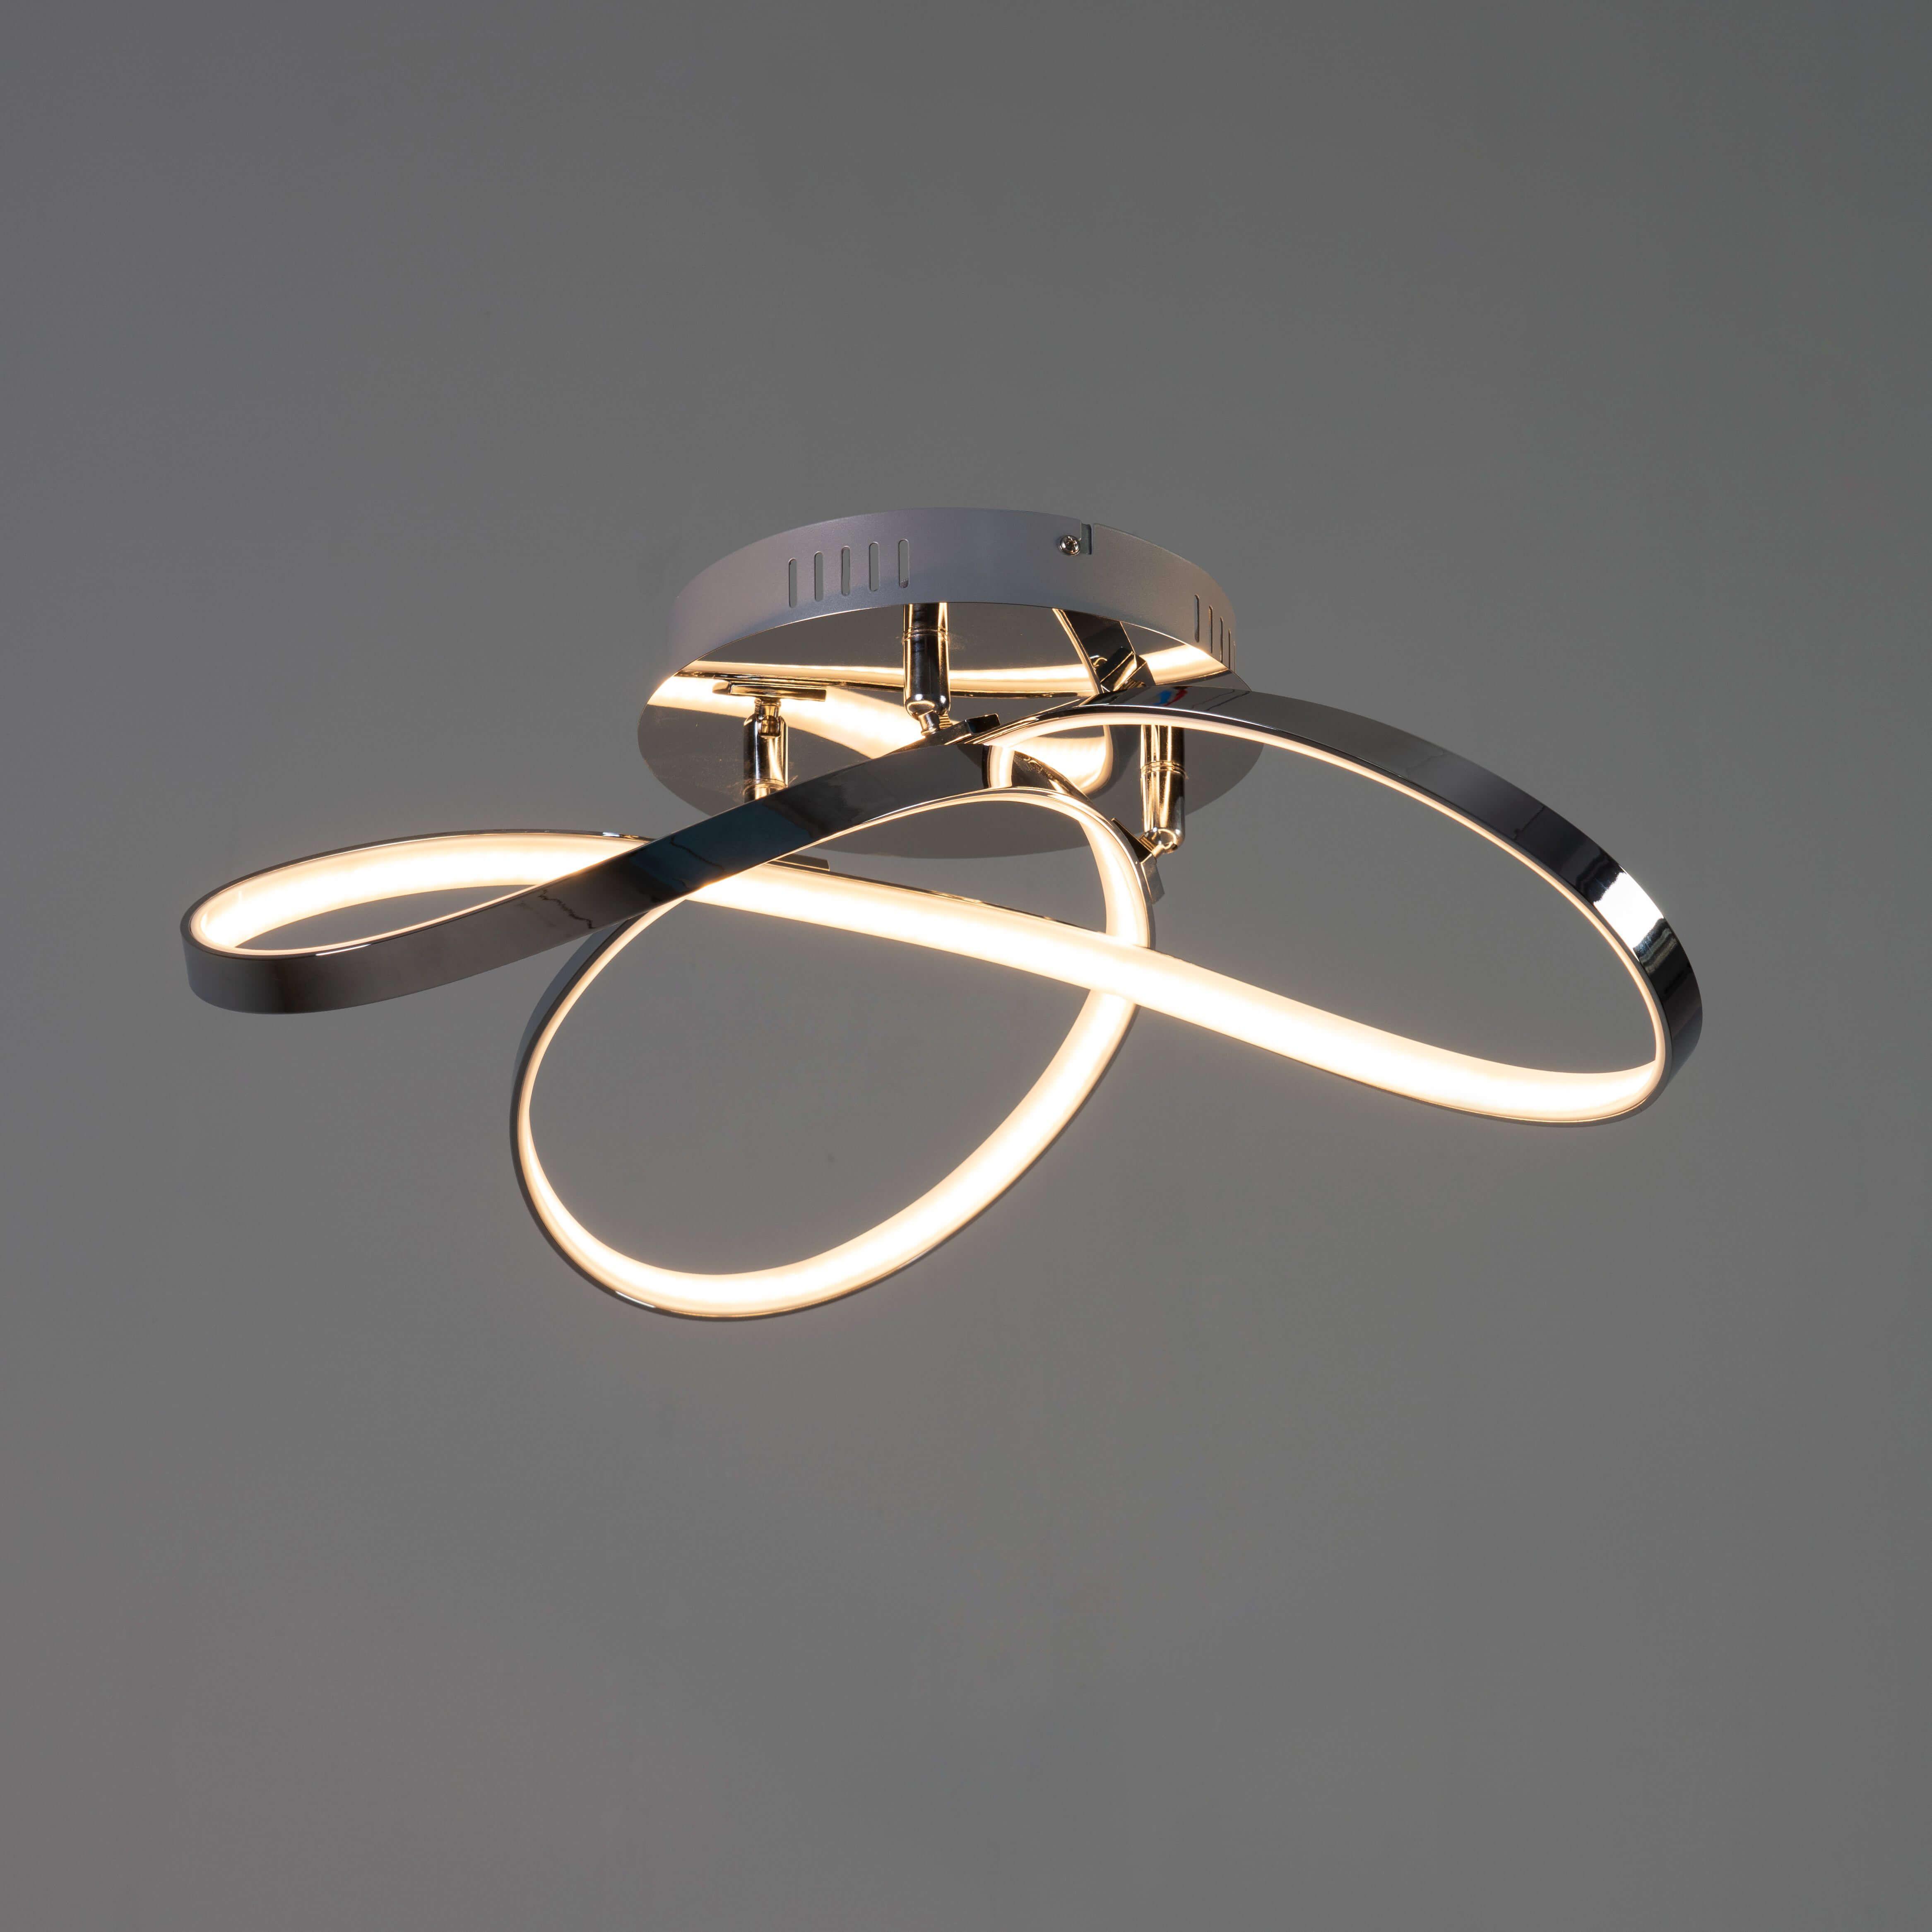 Plafonnier Led Acht Design Trois Boucles Plafonnier Led Design Plafonnier Led Plafonnier